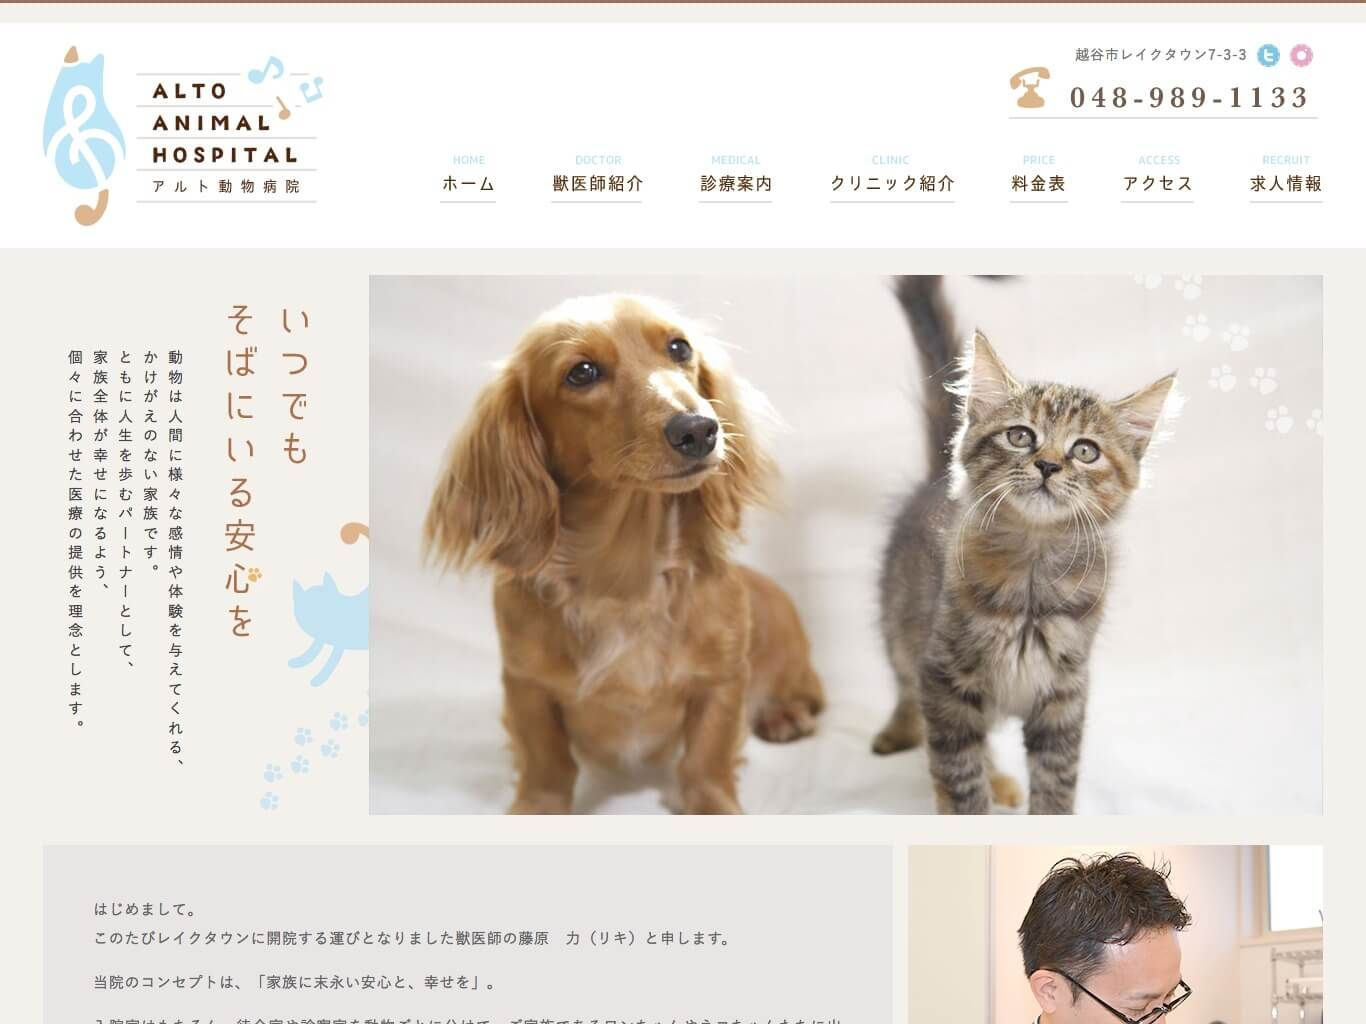 アルト動物病院 1guu 動物 Lp デザイン ウェブデザイン